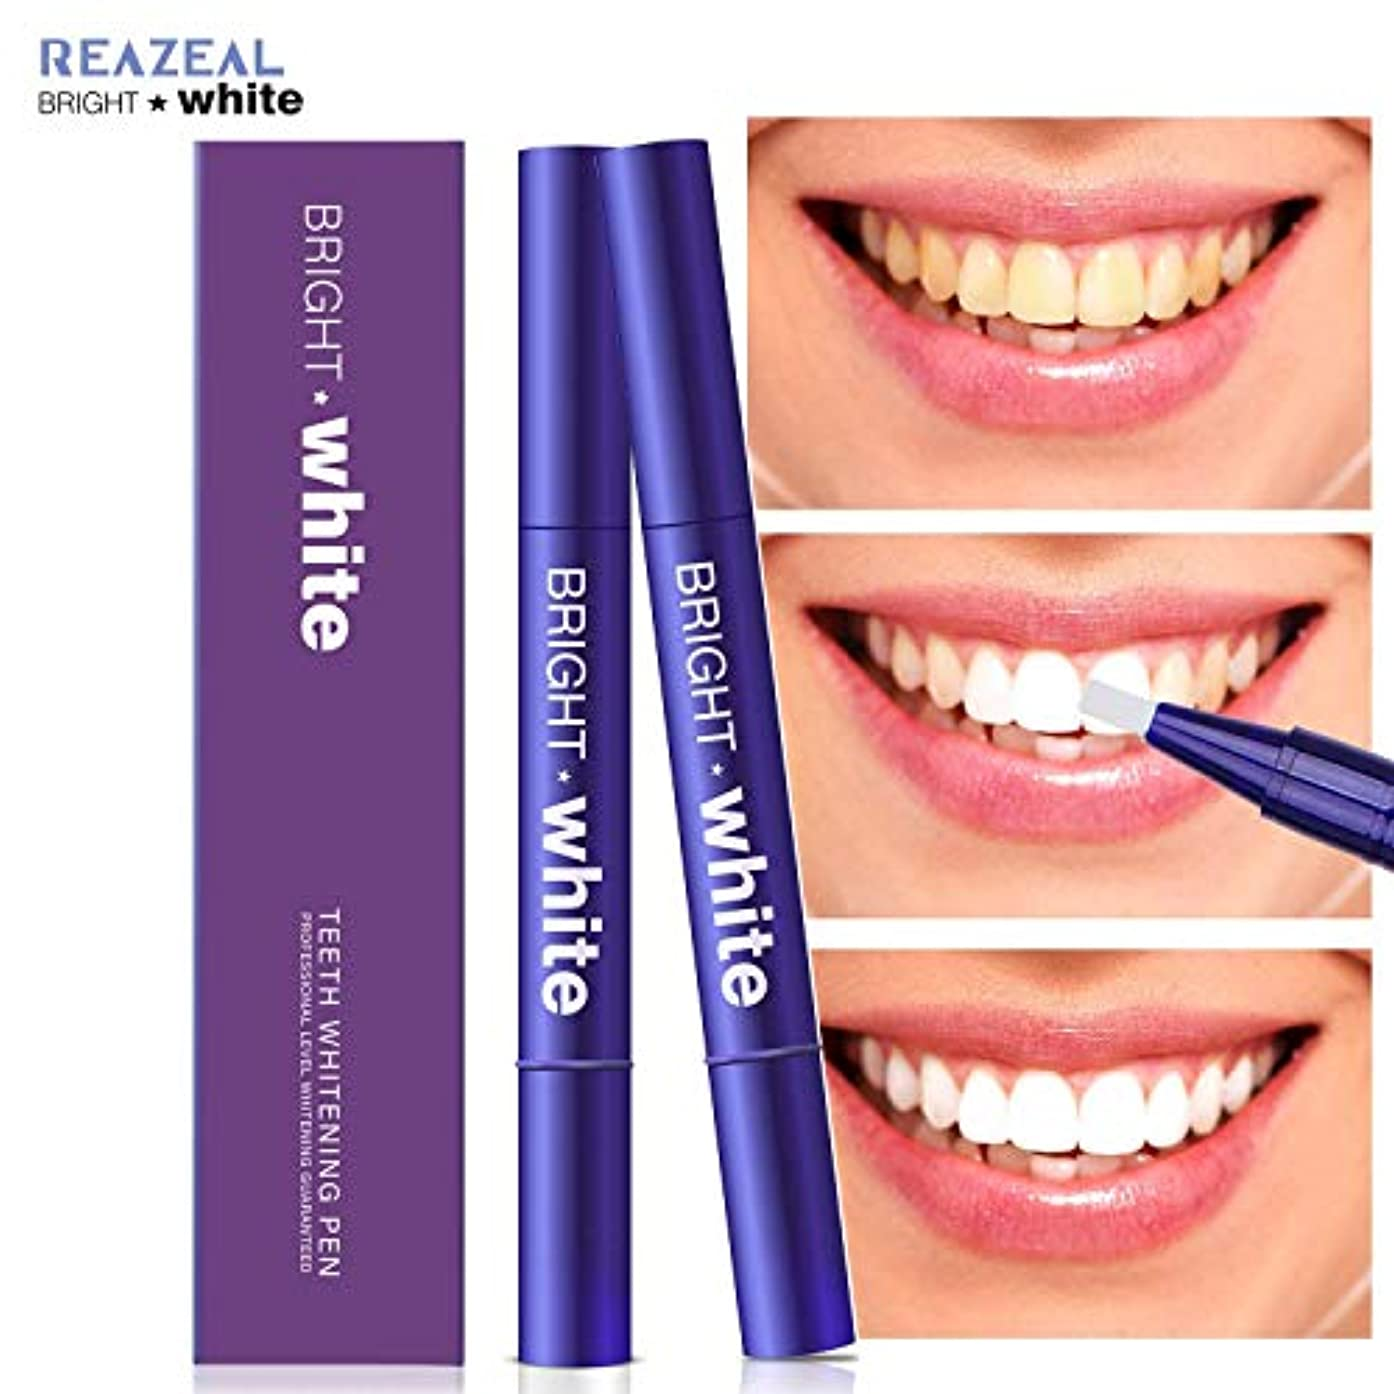 熱帯のお盗難歯 ホワイトニング 歯磨き粉 ホワイトニング 歯 ホワイトニングペン ホワイトニングペン 歯ブラシ 輝く笑顔 口臭防止 一週間のホワイティング - 2個